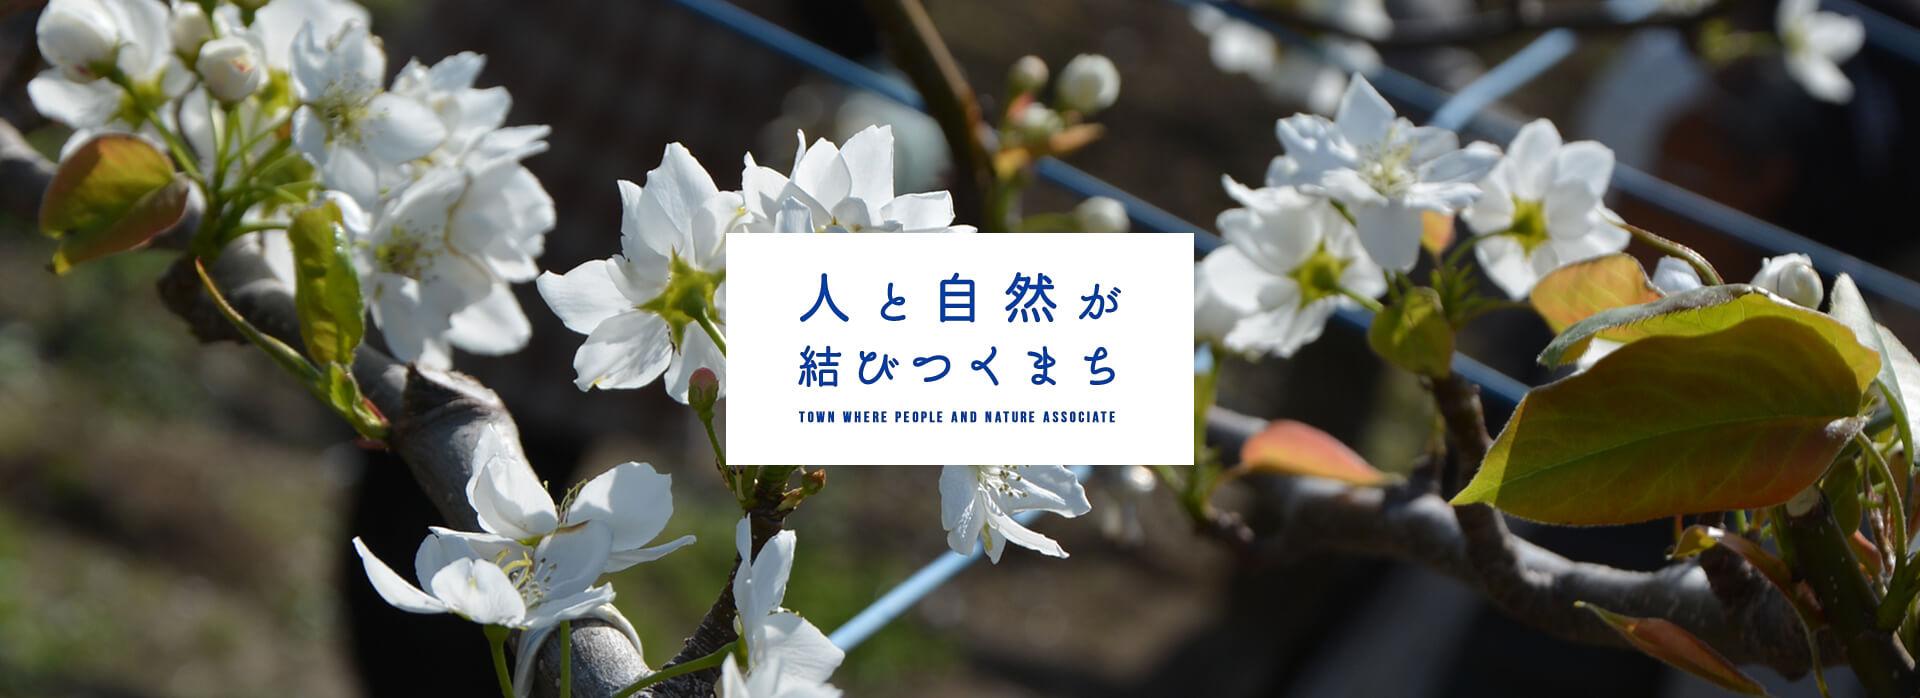 八千代の梨の花